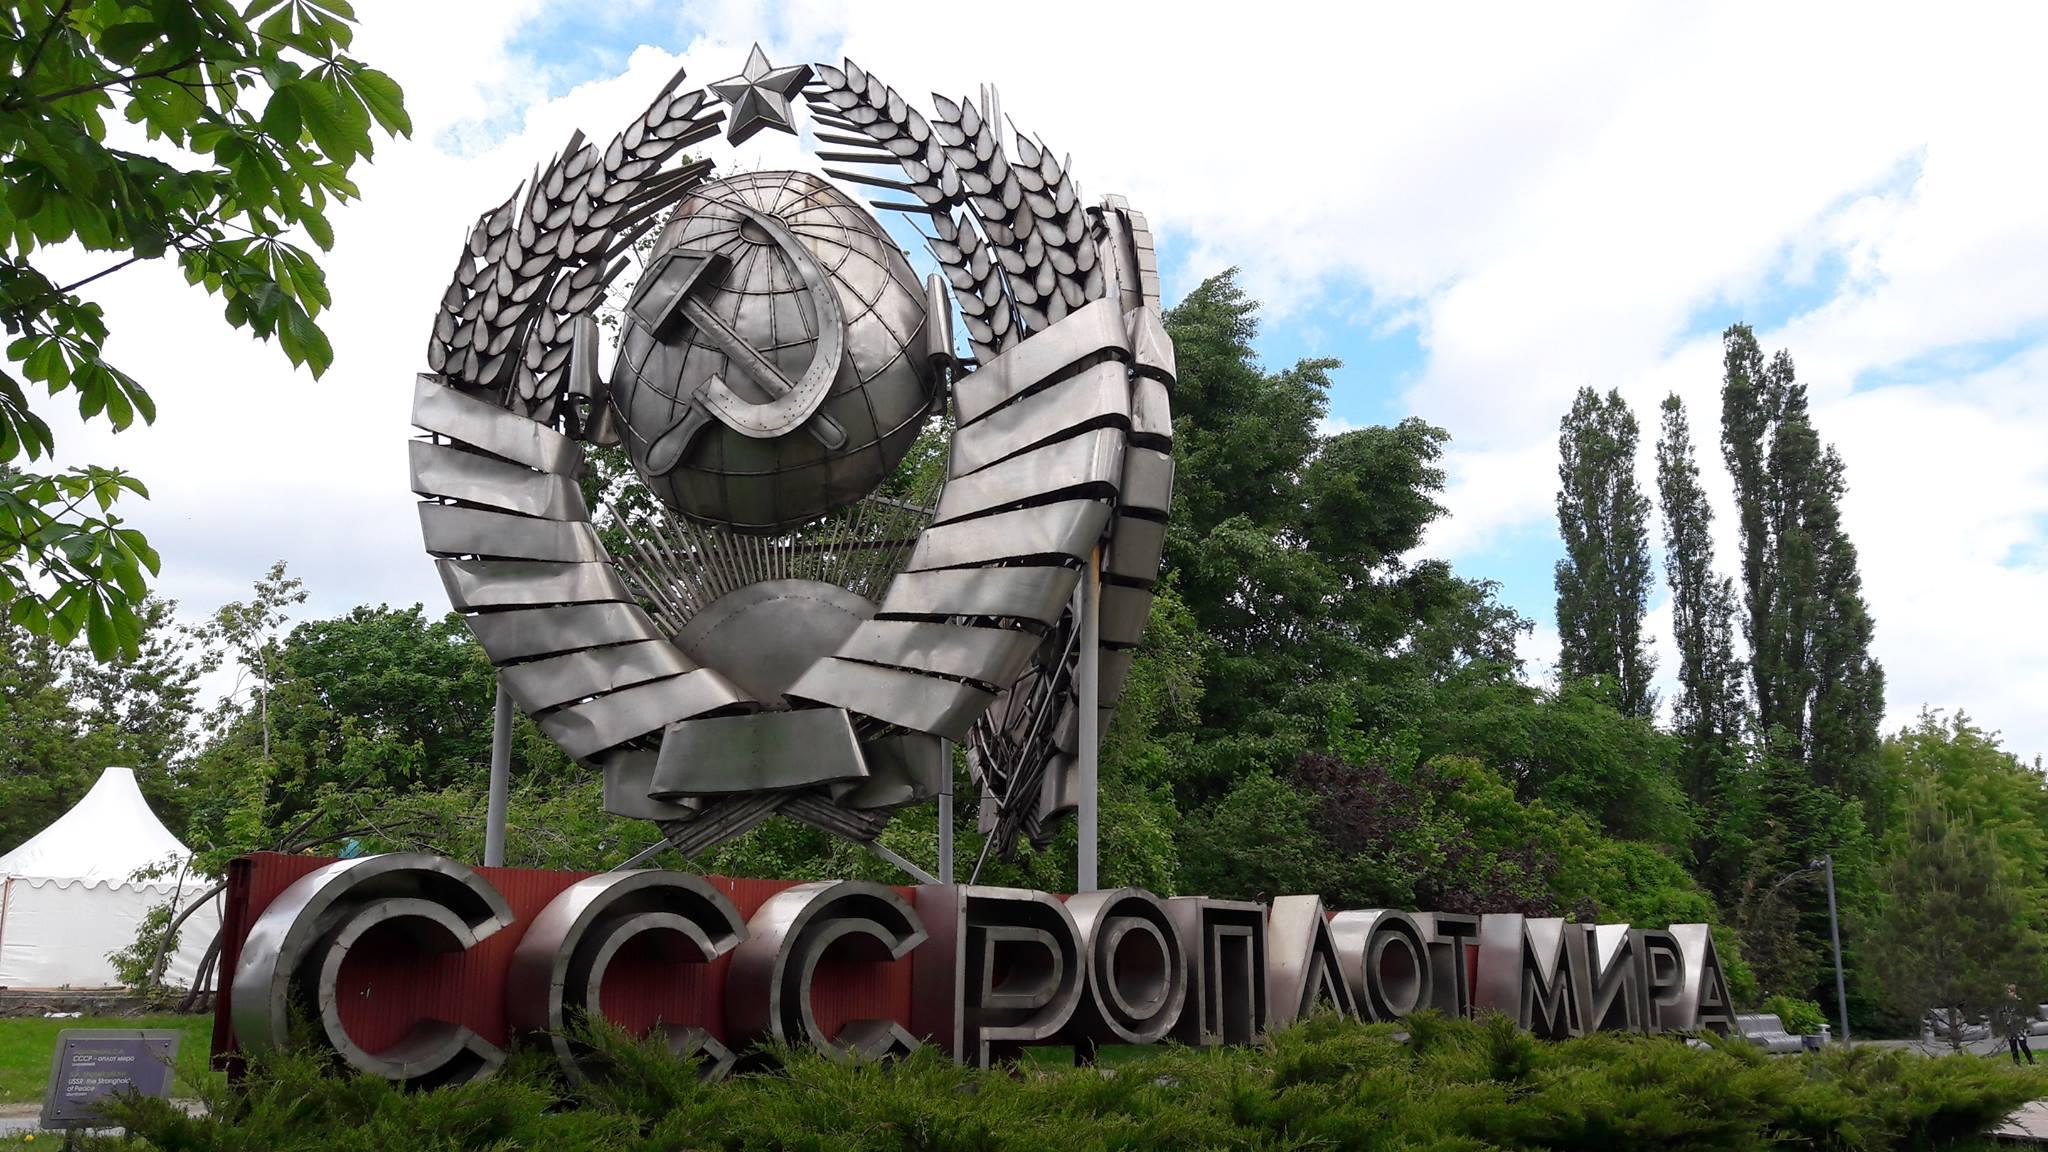 URSS, a fortaleza do mundo. Isso diz o monumento em metal (Foto: Fábio Aleixo)